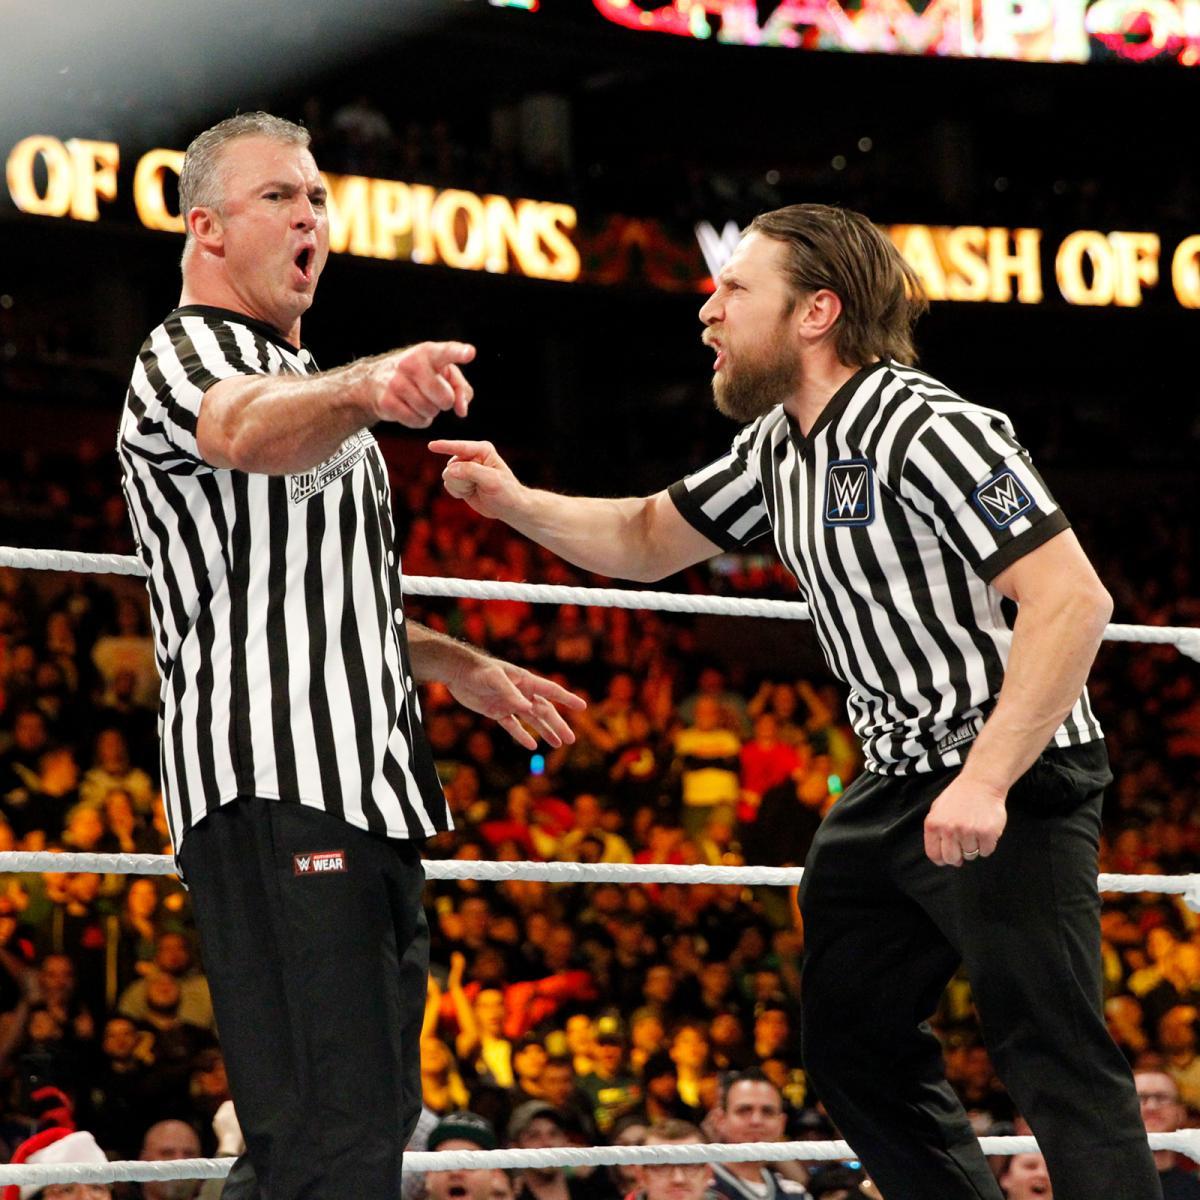 WWE NEWS: डेनियल ब्रायन ने रिंग में कर दिया कुछ ऐसा जिससे साबित हो गया कि जल्द करेंगे अपनी रिंग वापसी 14